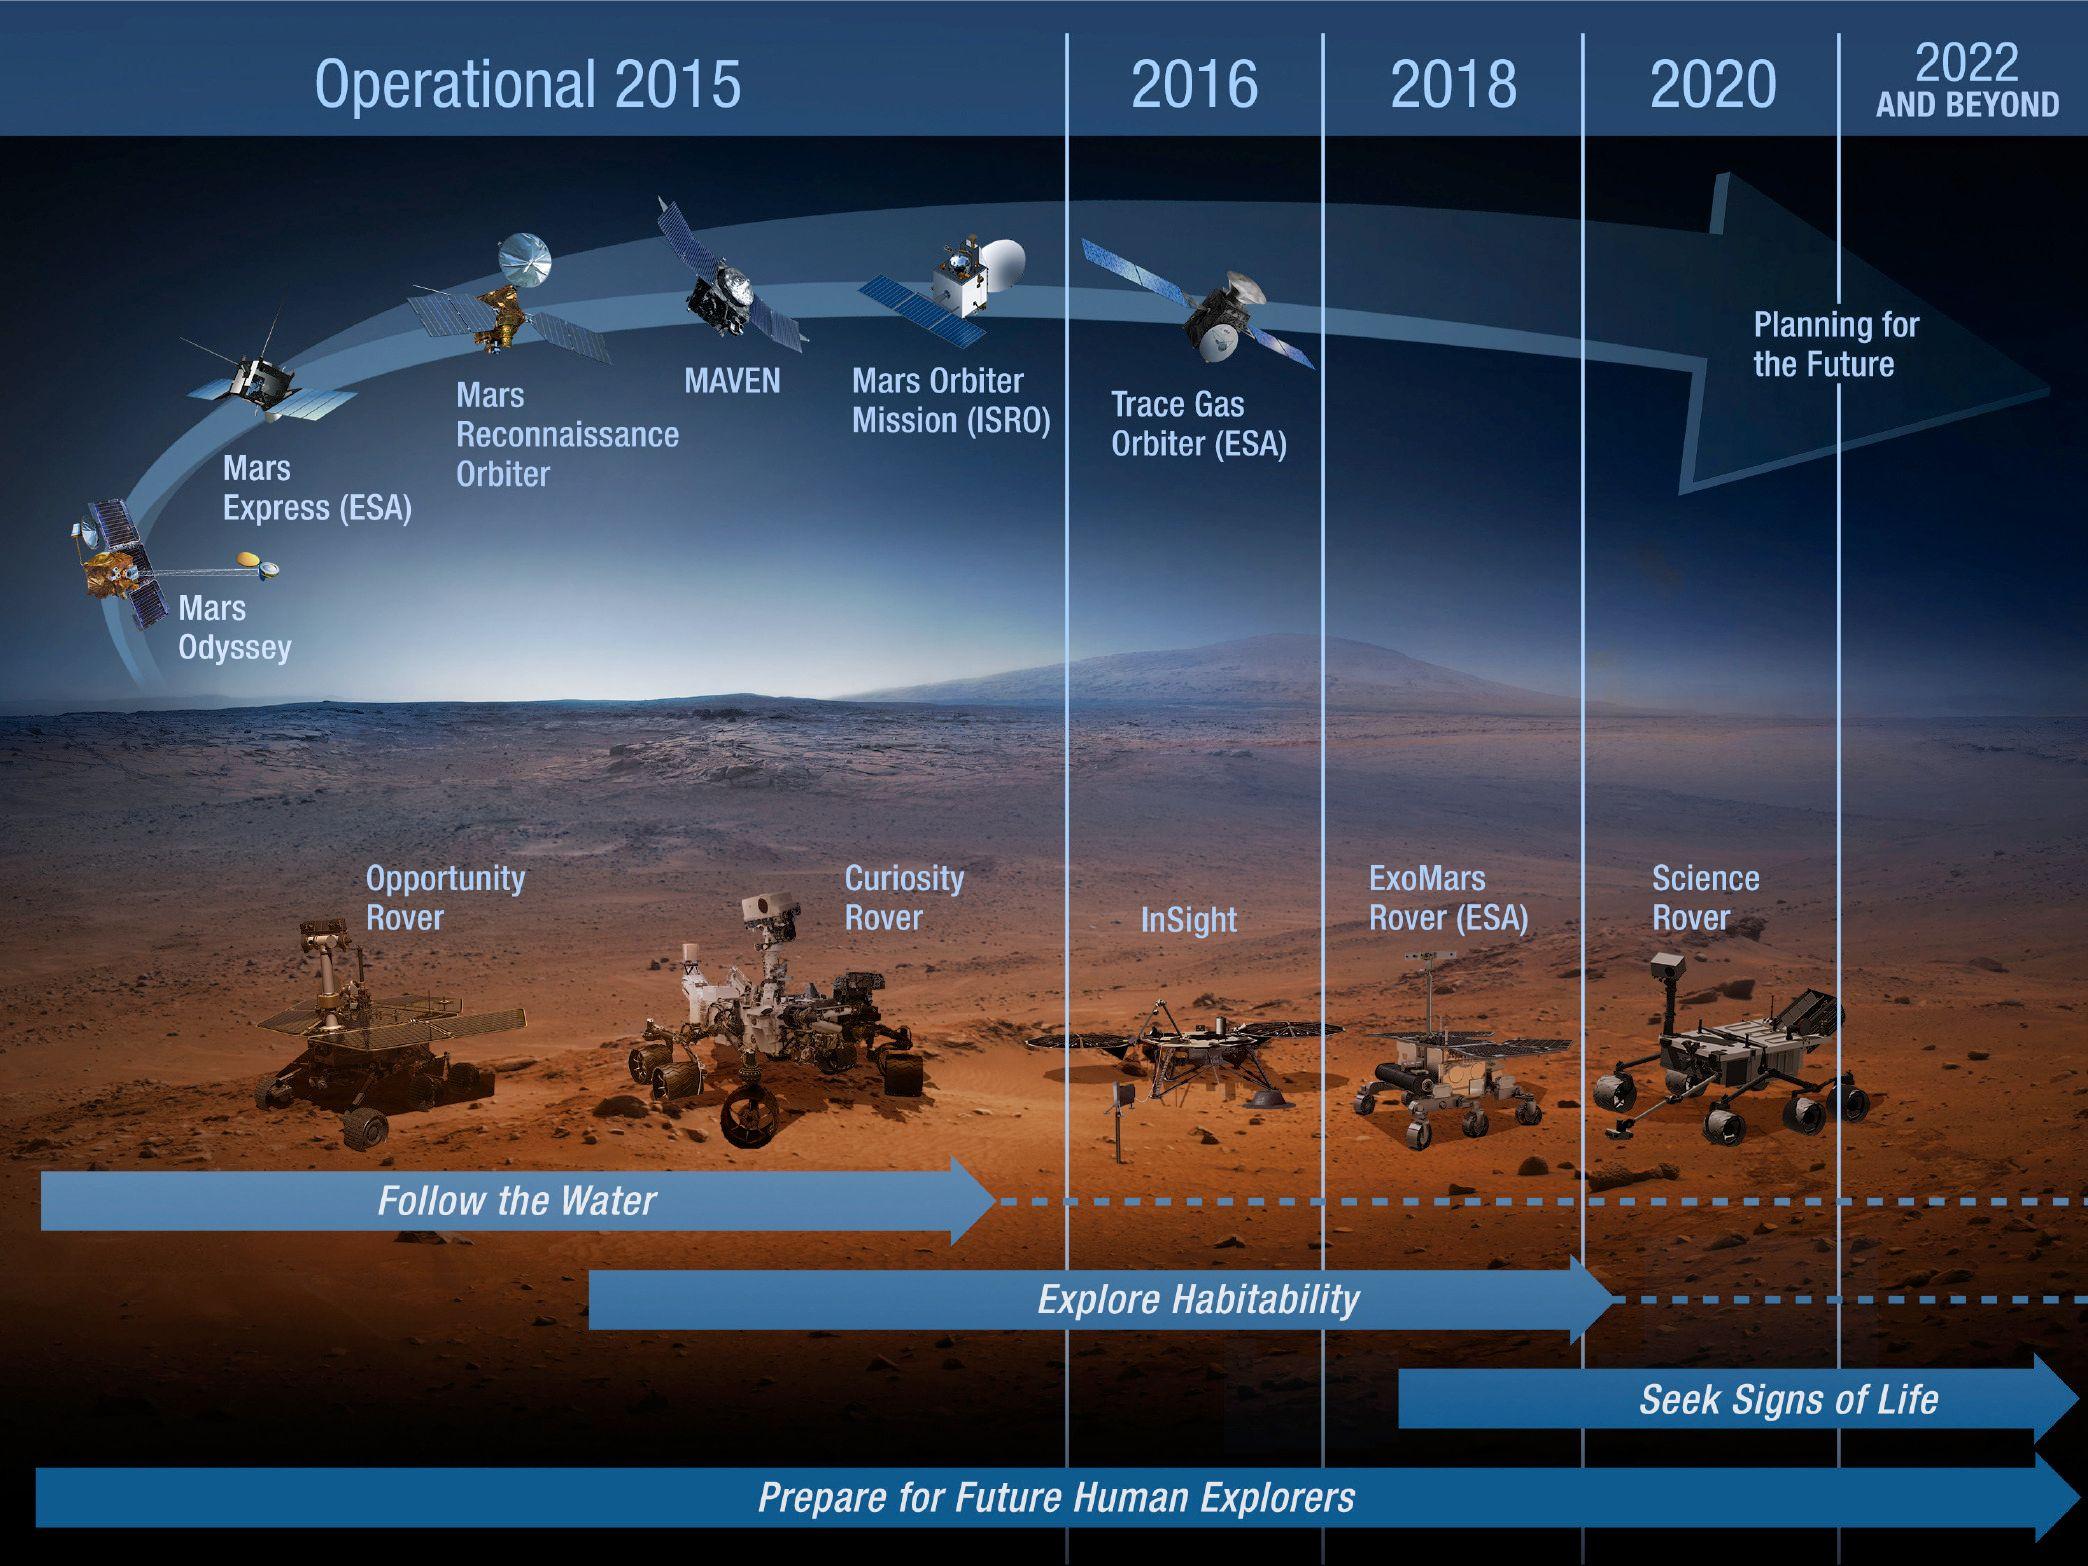 Vi er allerede på Mars med roboter, understreker NASA. Her er de konkrete oppdragene i årene som kommer. Foto: NASA